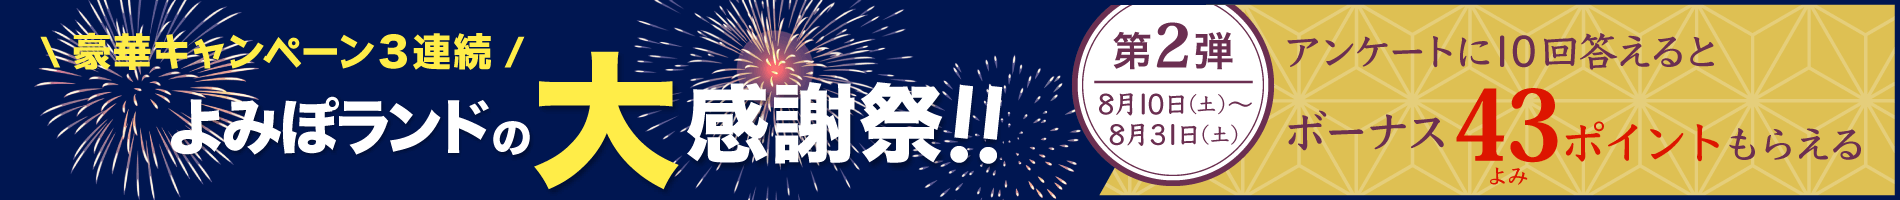 よみぽランドの大感謝祭!第二弾